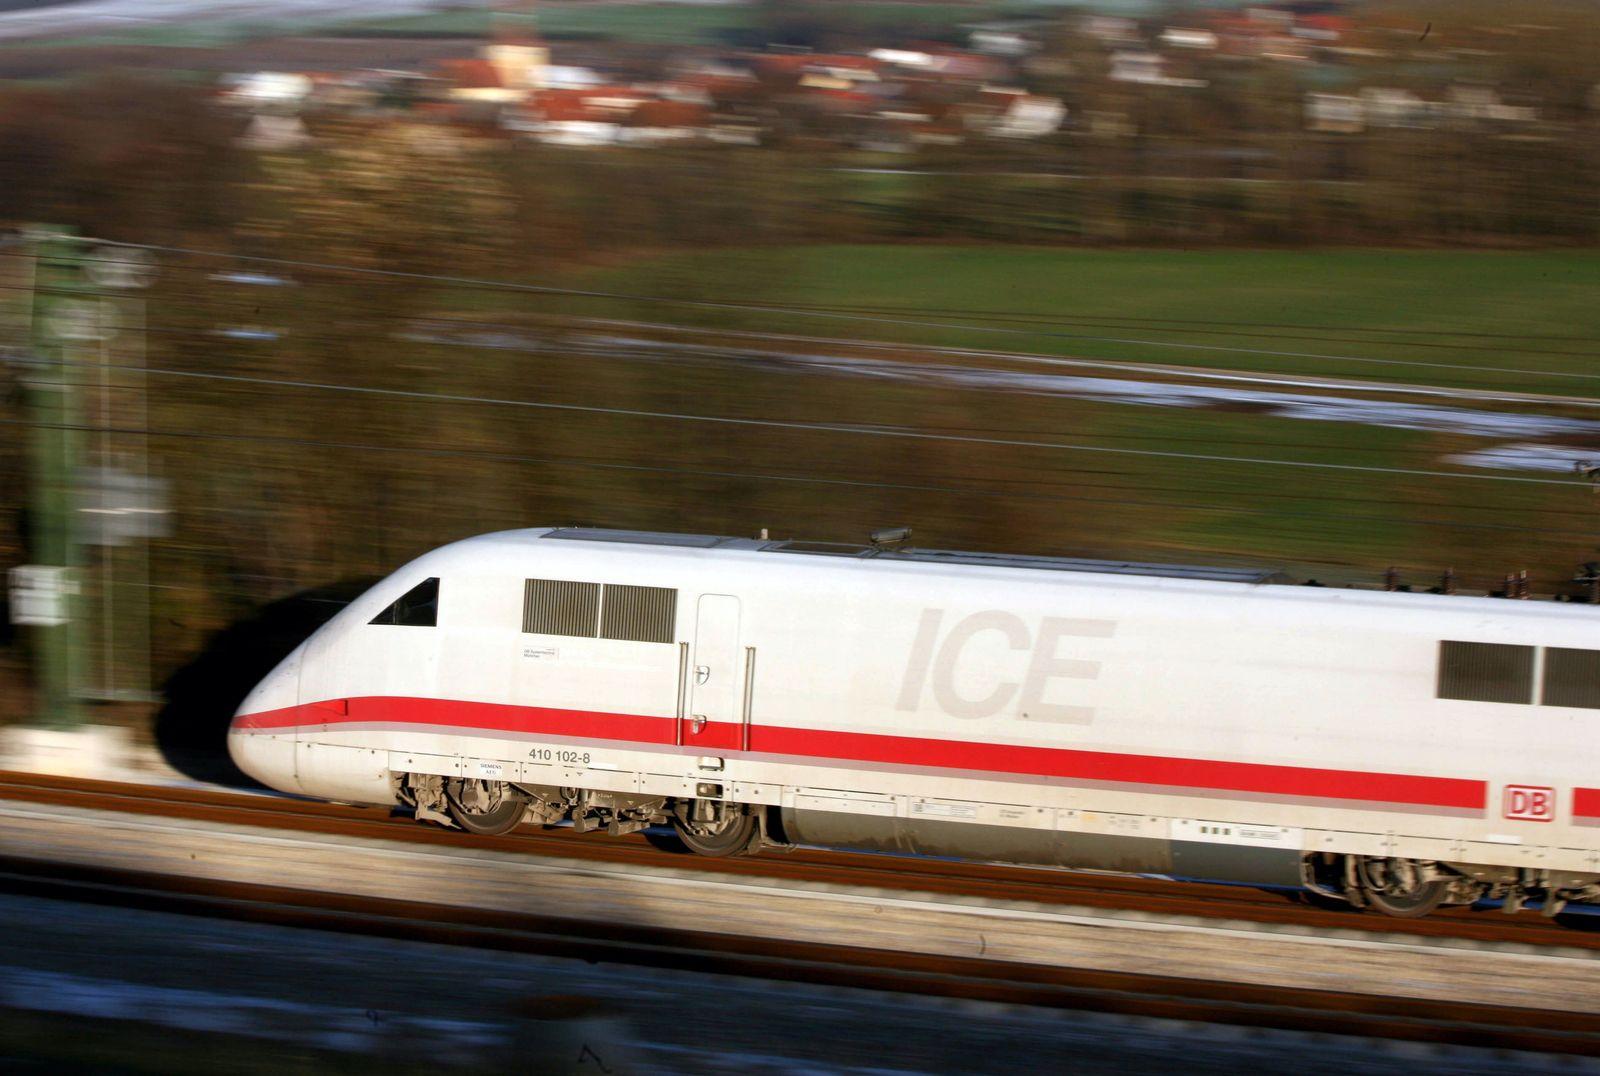 Deutsche Bahn / Intercity Express